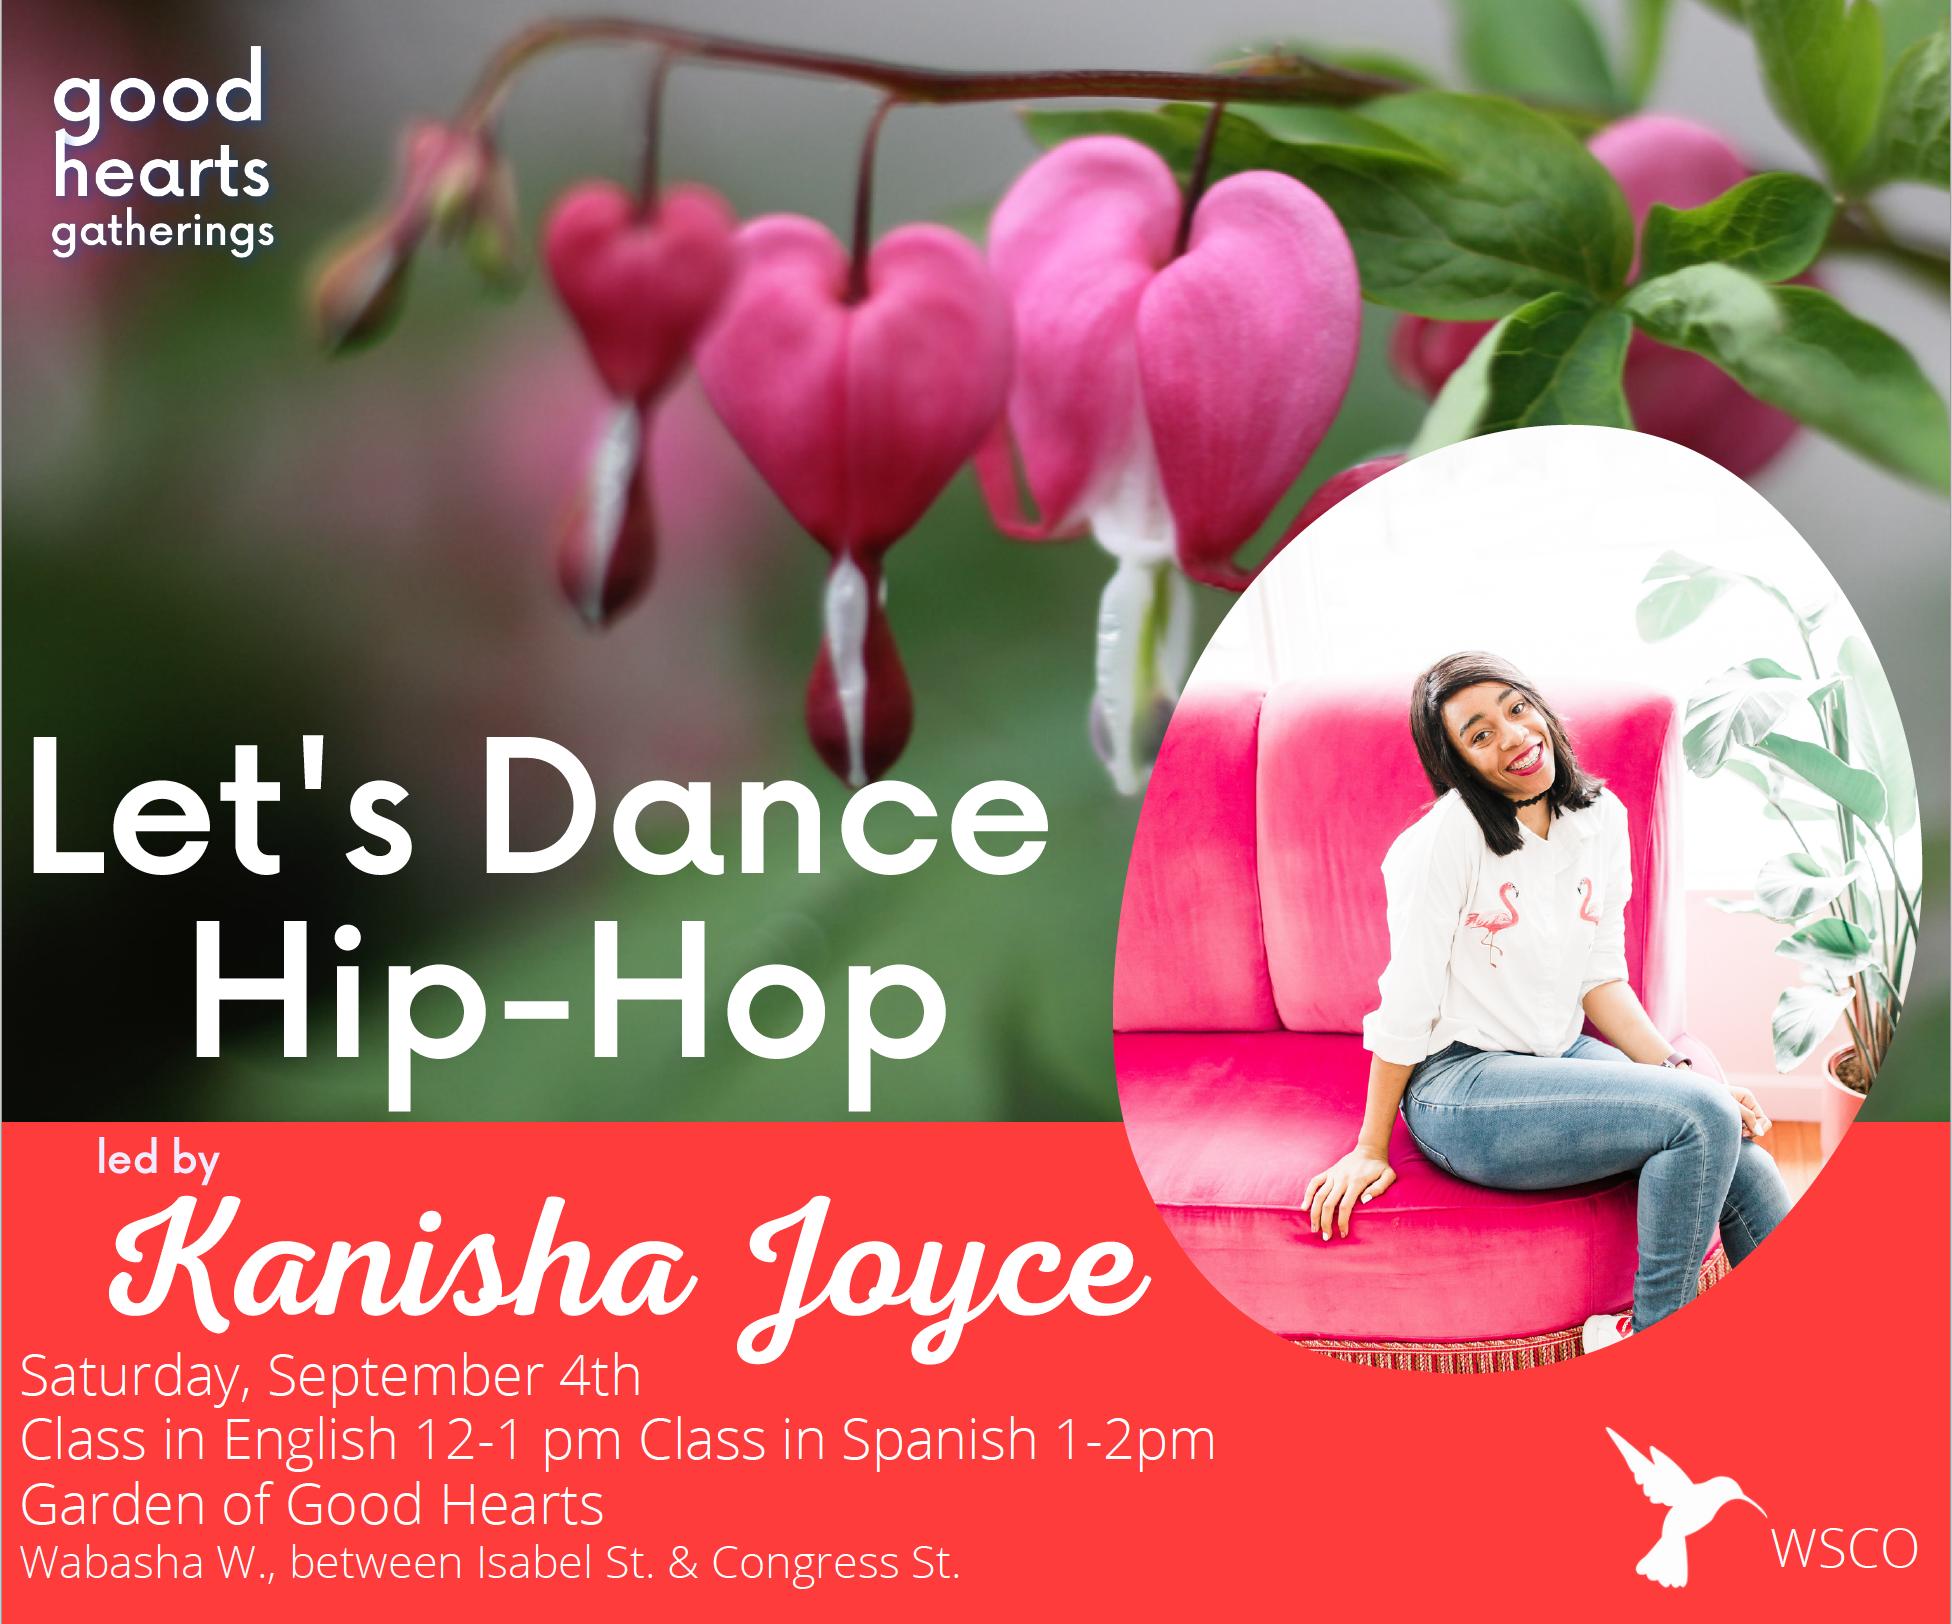 hip hop dancing digital flyer